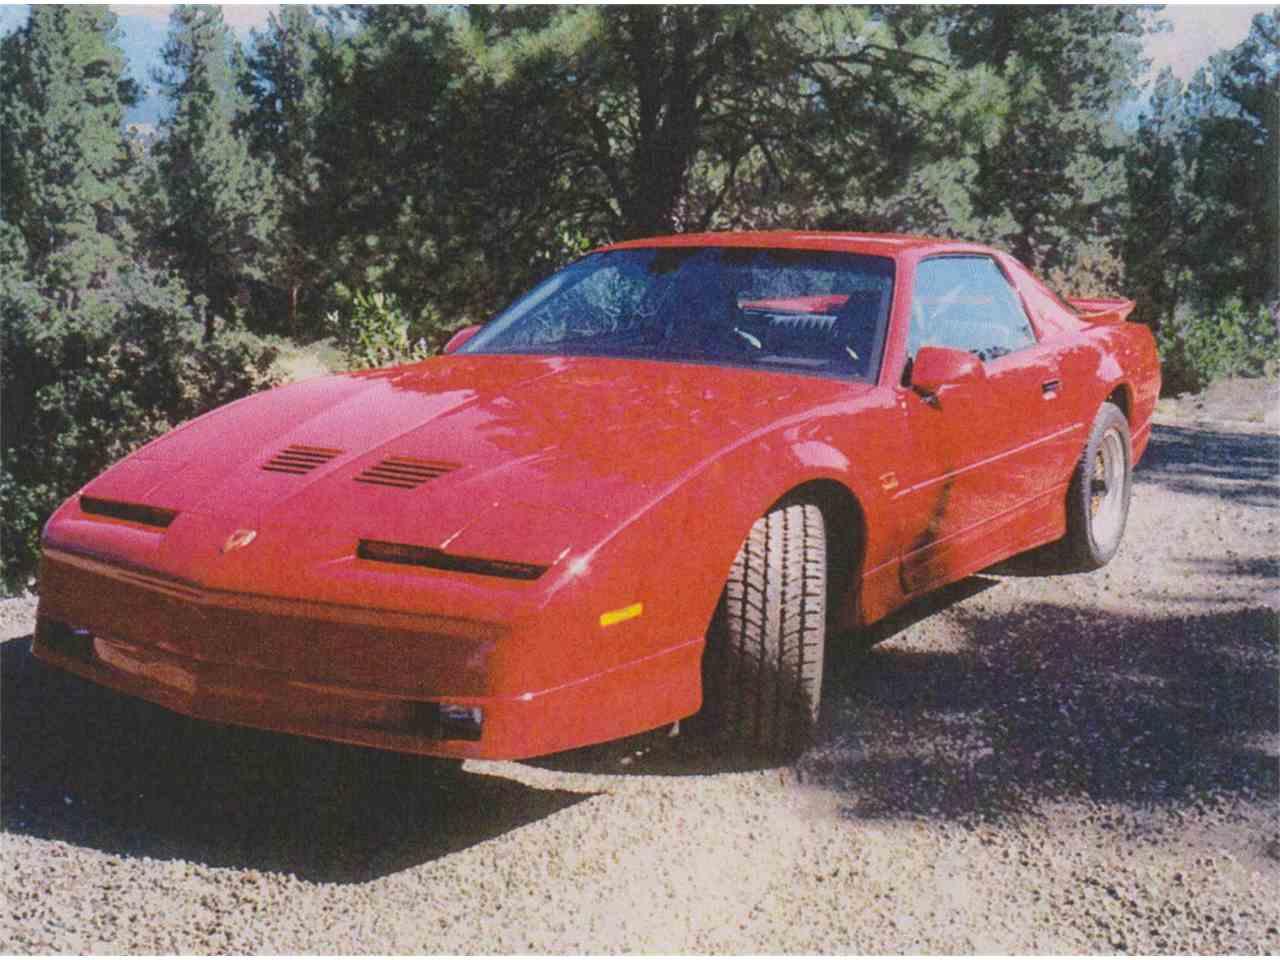 Classic 1988 Trans Am GTA for sale: detailed description ...